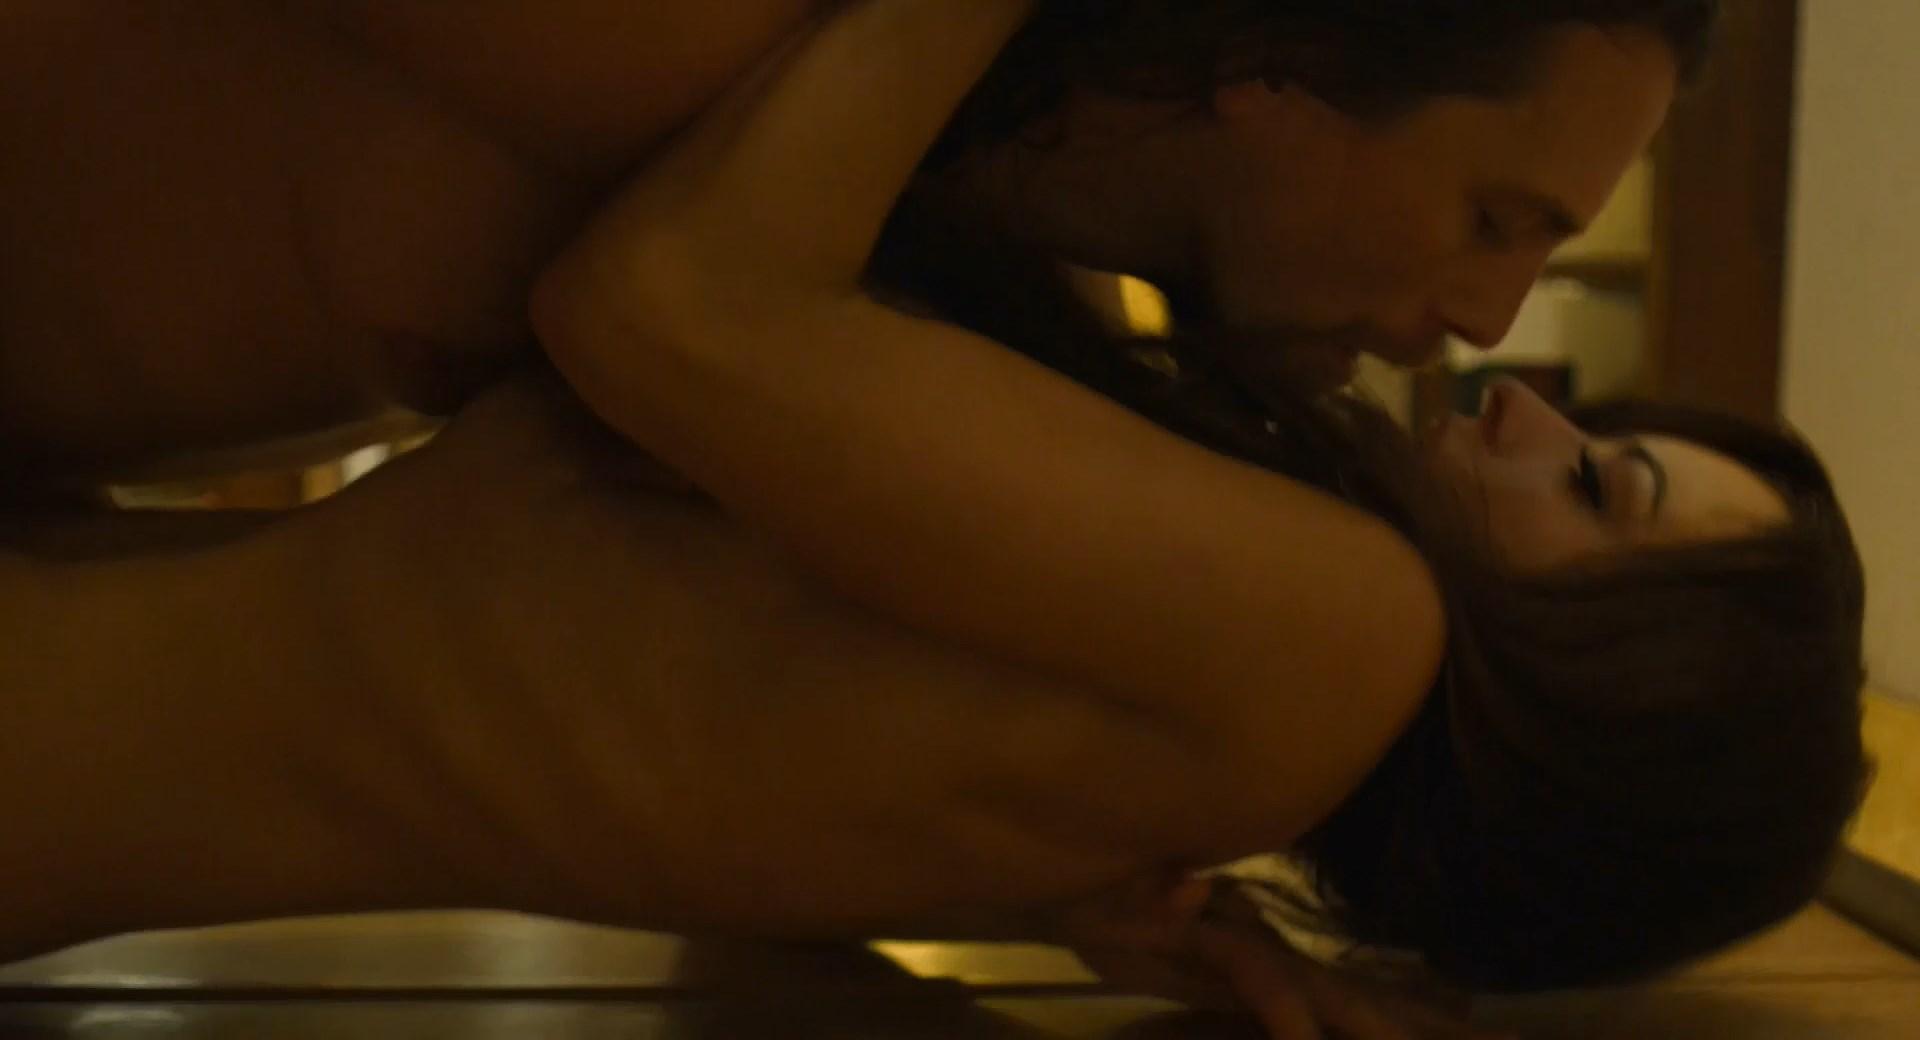 Alycia Debnam Nude watch online - claire holt, alycia debnam-carey, francesca